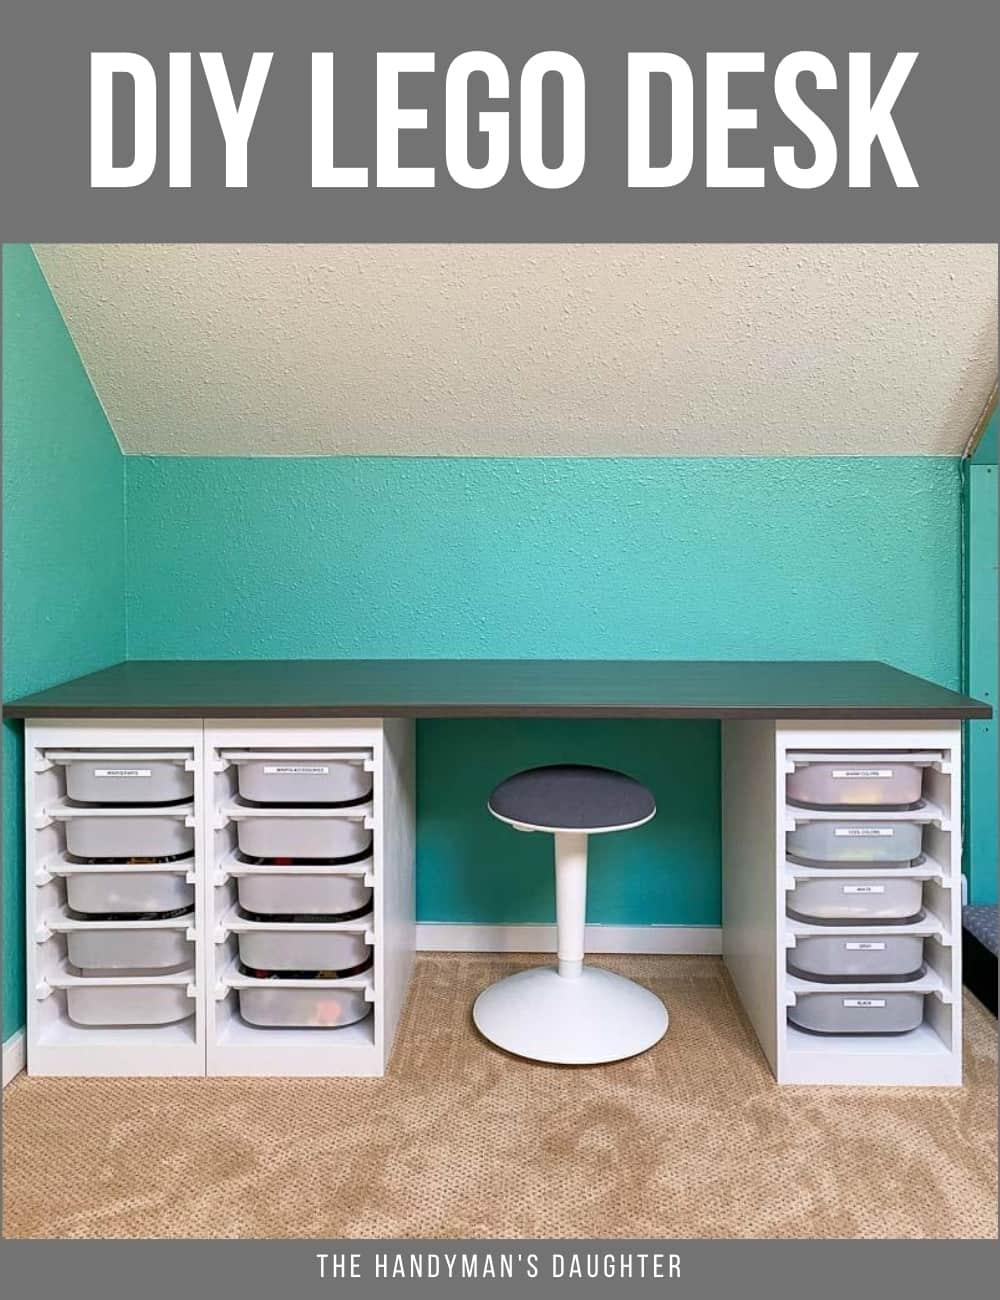 DIY Lego desk with IKEA Trofast bins